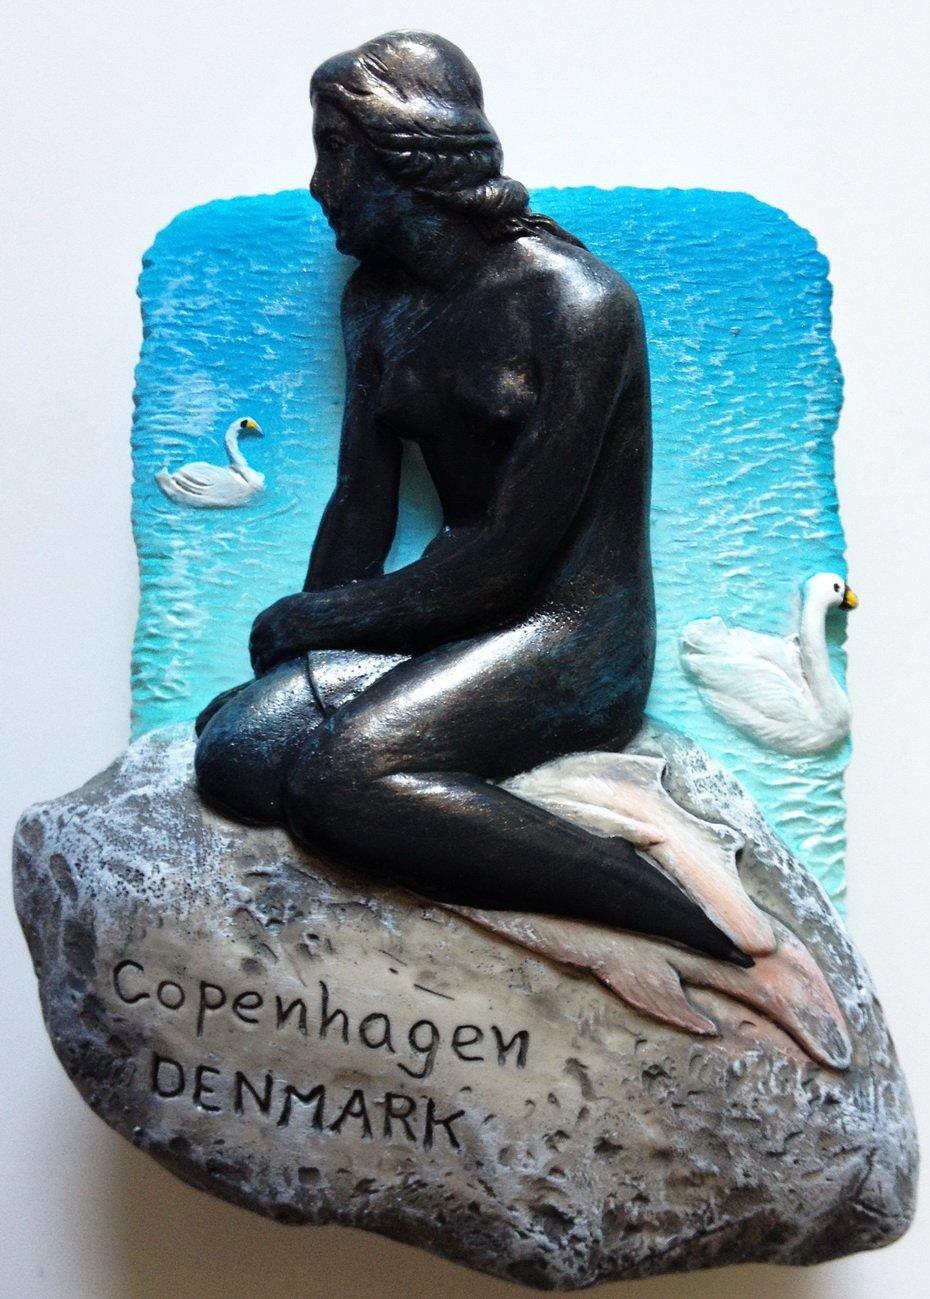 The Little Mermaid COPENHAGEN Denmark High Quality Resin 3D fridge magnet